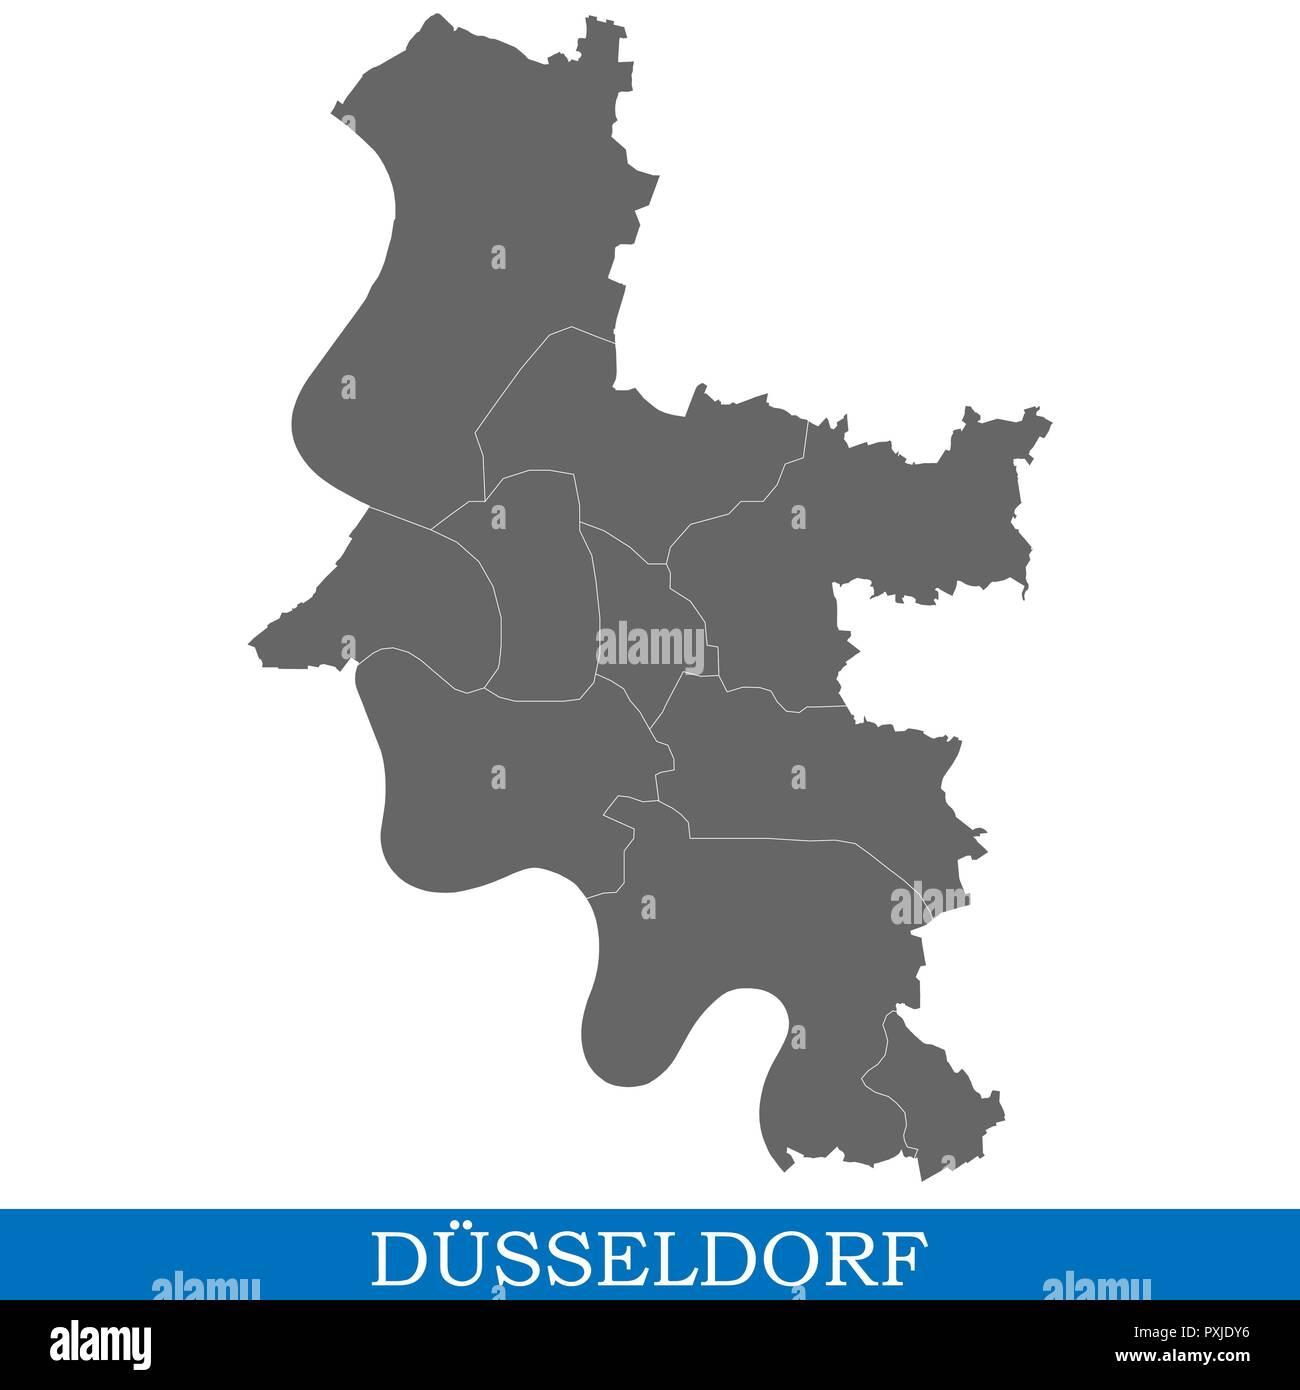 Hohe Qualitat Karte Von Dusseldorf Ist Eine Stadt In Deutschland